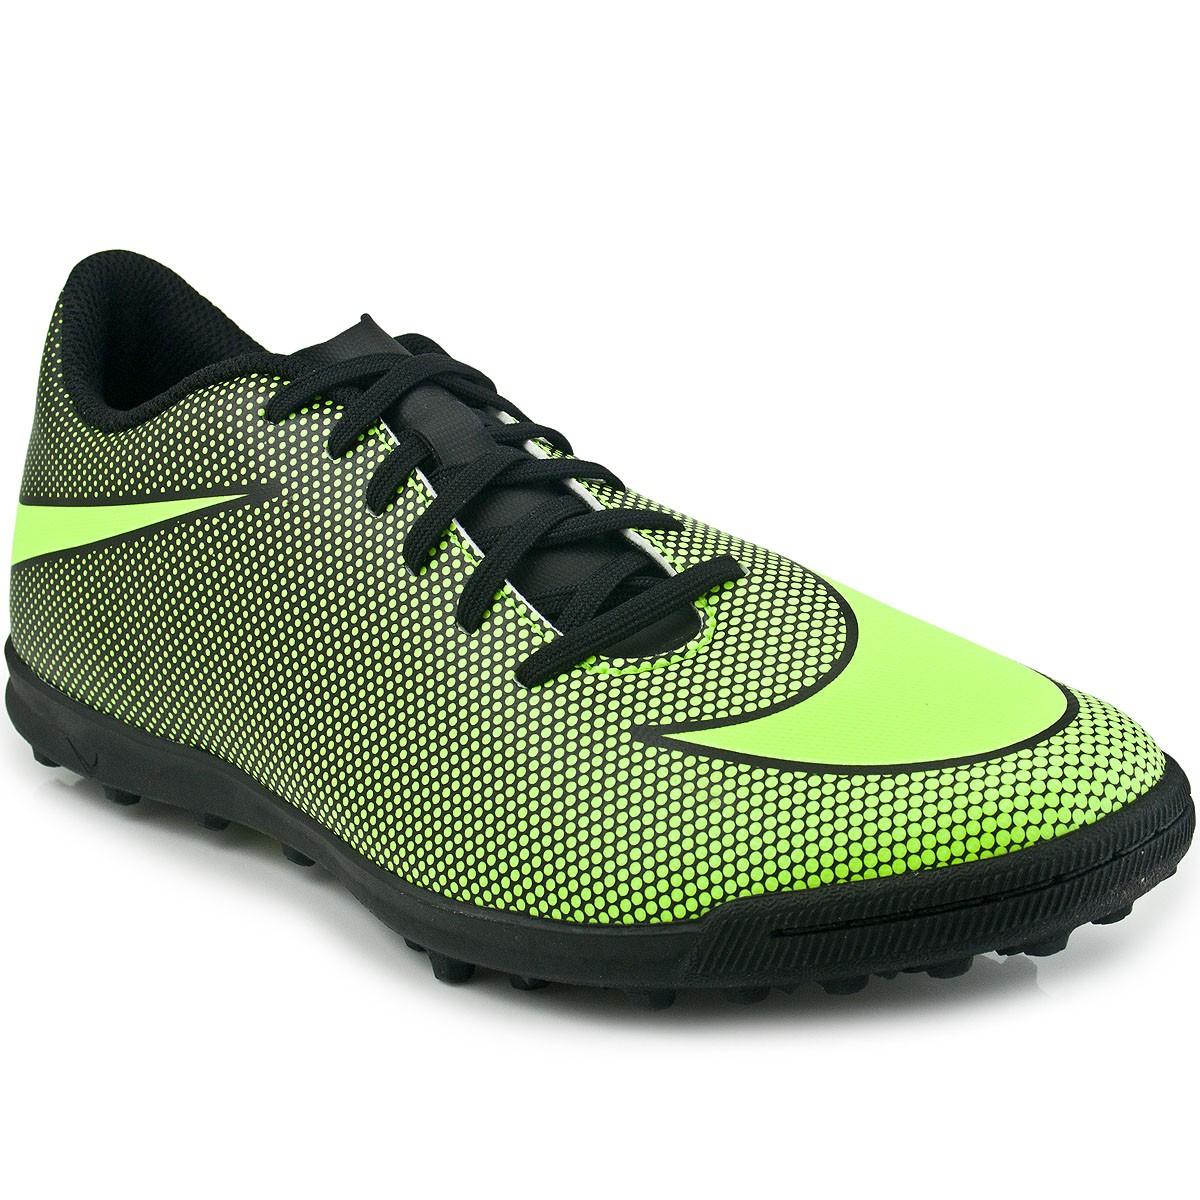 24351a0b45 Chuteira Nike Bravata II TF